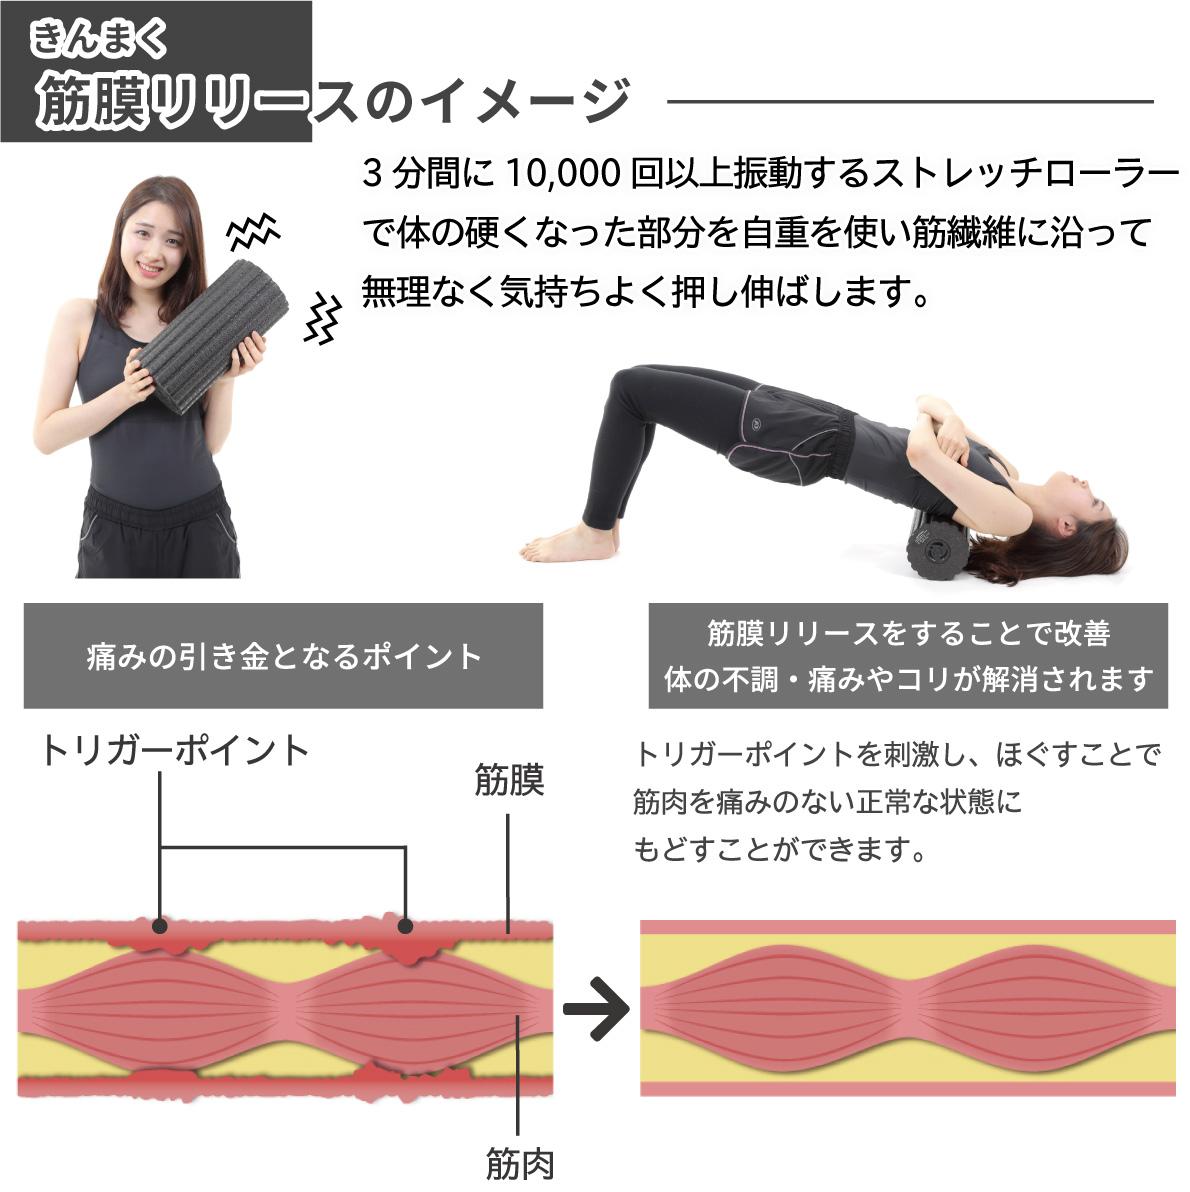 トリガーポイントとは【肩こり・腰痛の真 ...